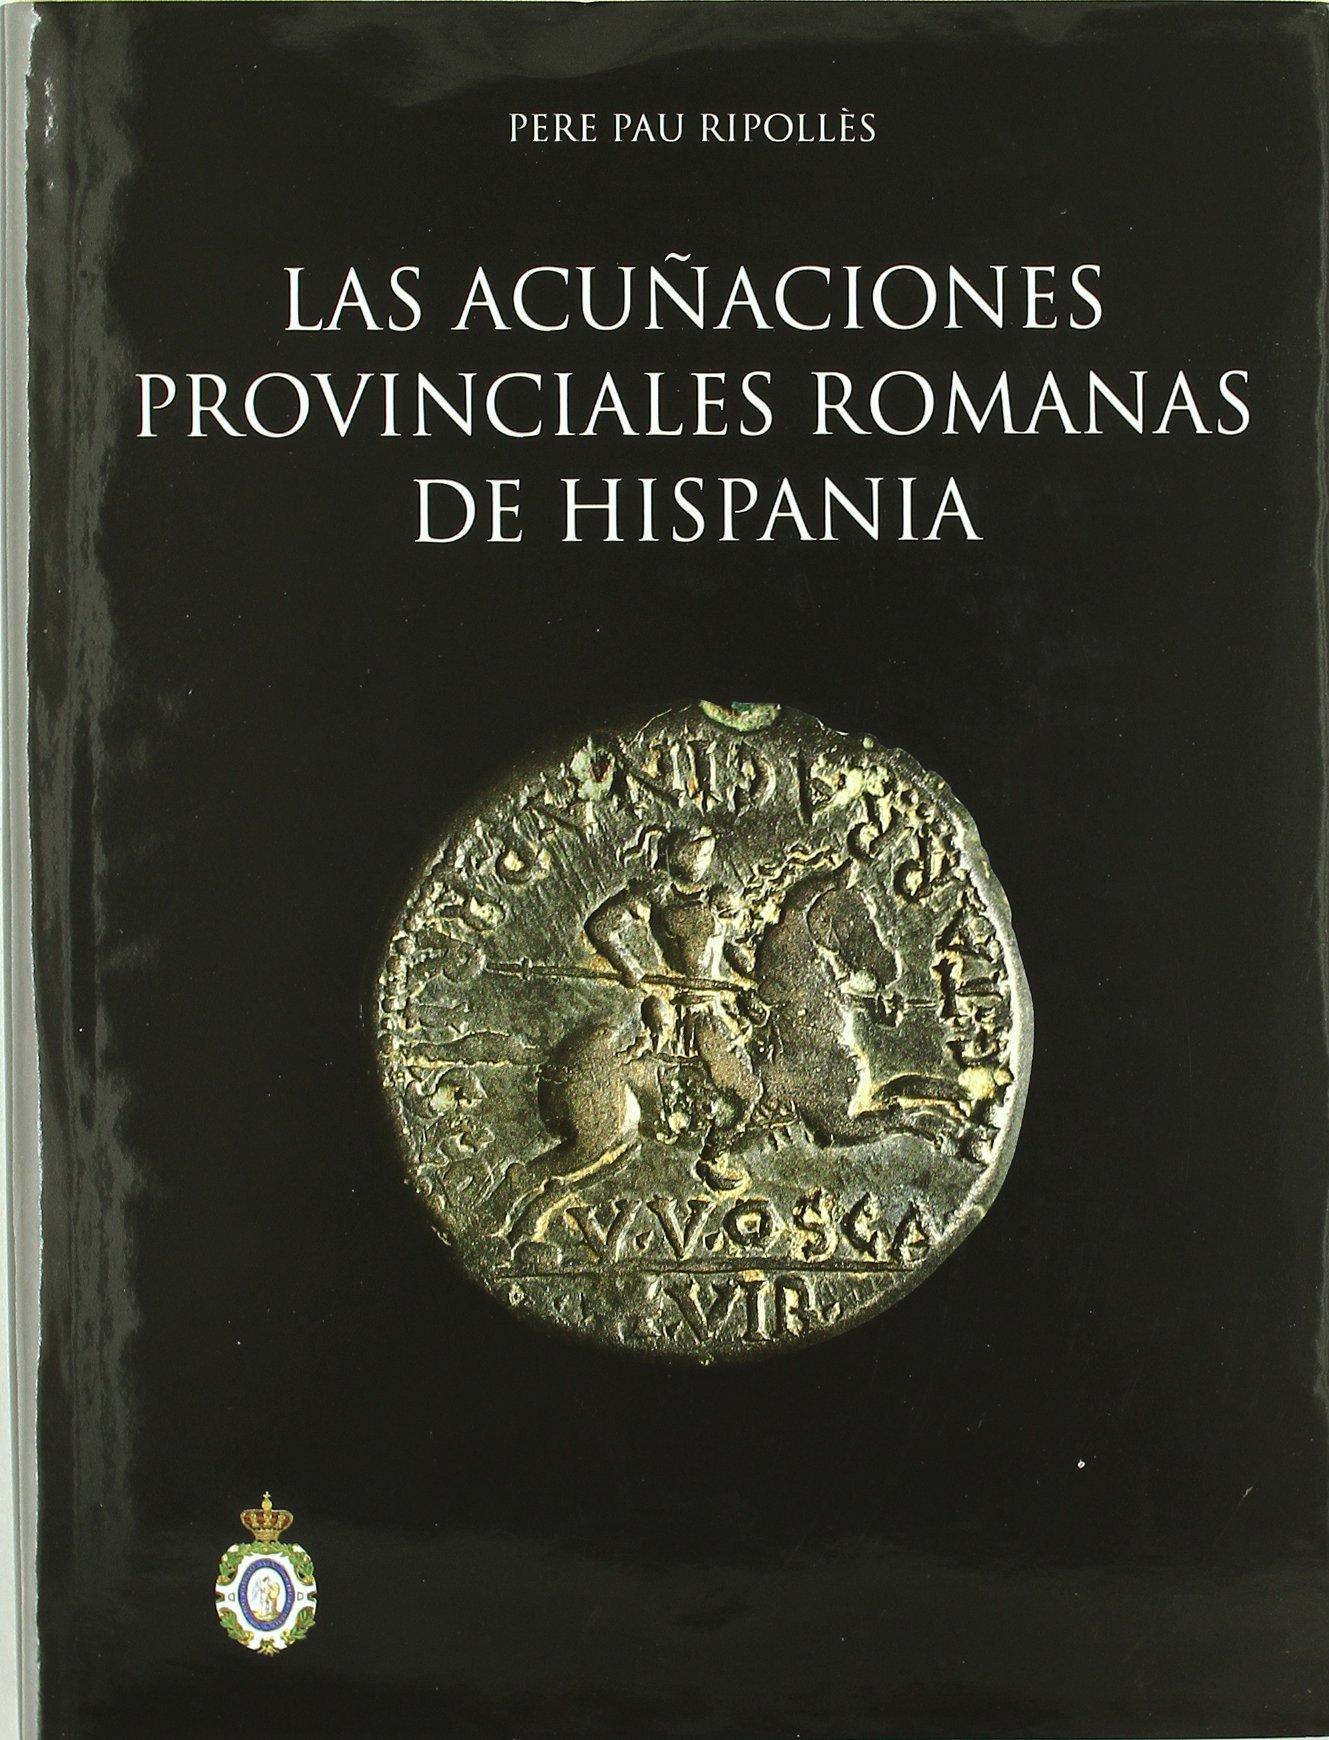 Las acuñaciones provinciales romanas de Hispania. (Bibliotheca Numismática Hispana.) Tapa dura – 10 sep 2016 Pere Pau Ripollès Real Academia de la Historia 8496849996 CDL_2-3_0022038